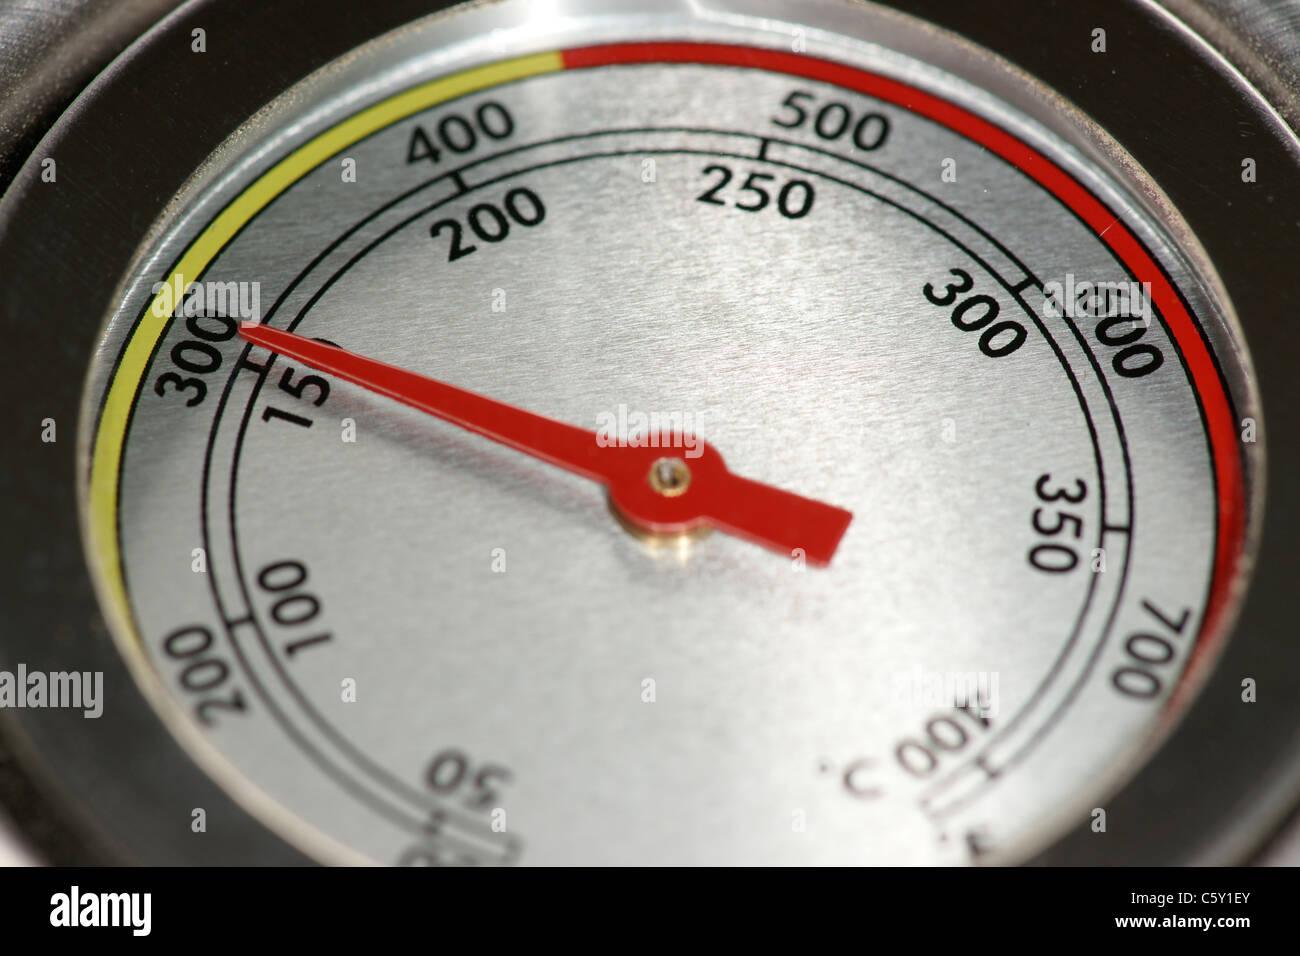 Temperature Gage - Stock Image